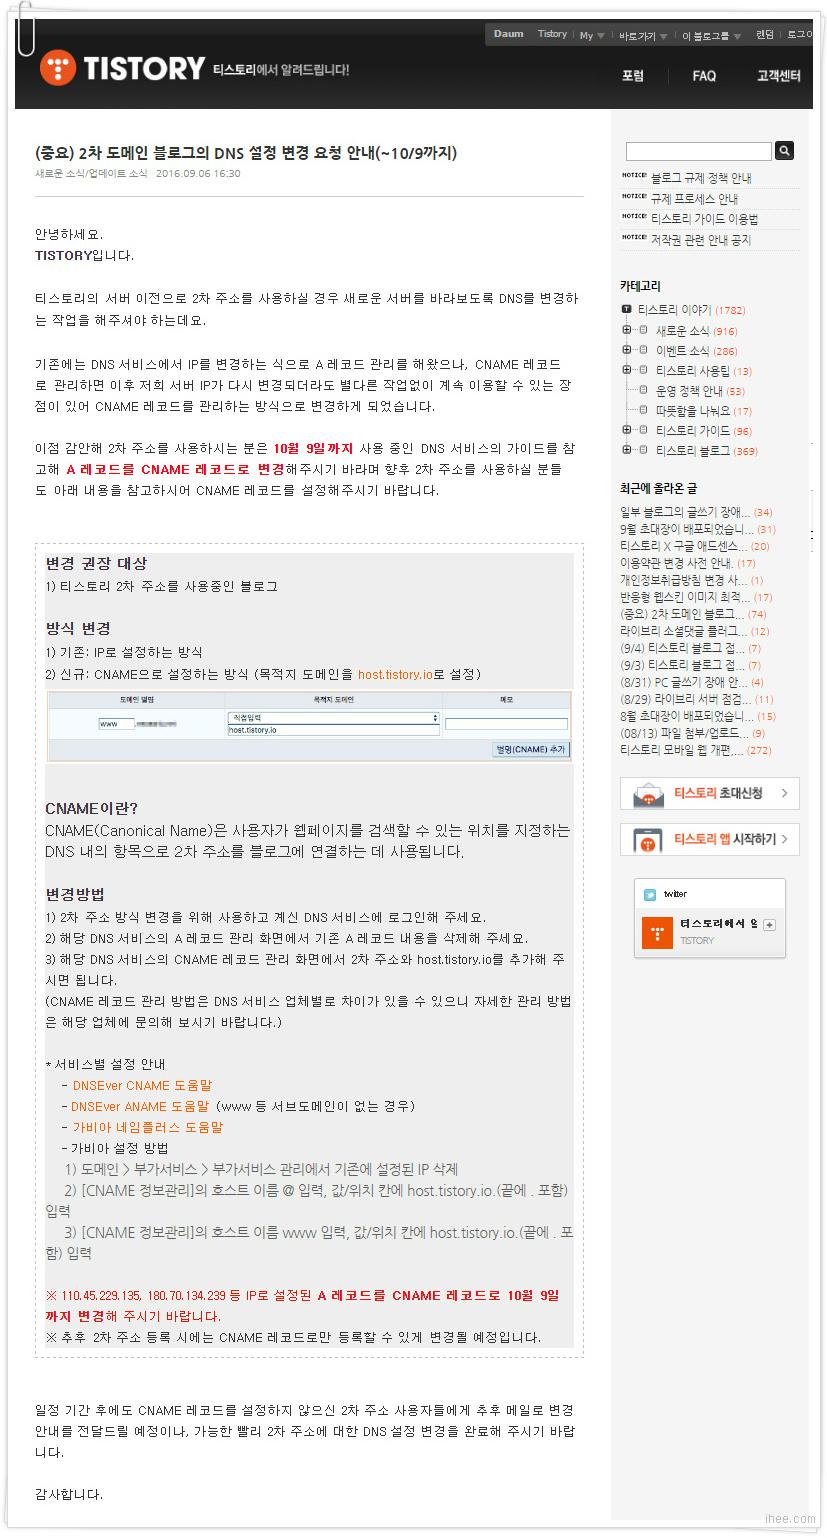 티스토리 2차 도메인 블로그의 DNS 설정 변경 요청 안내